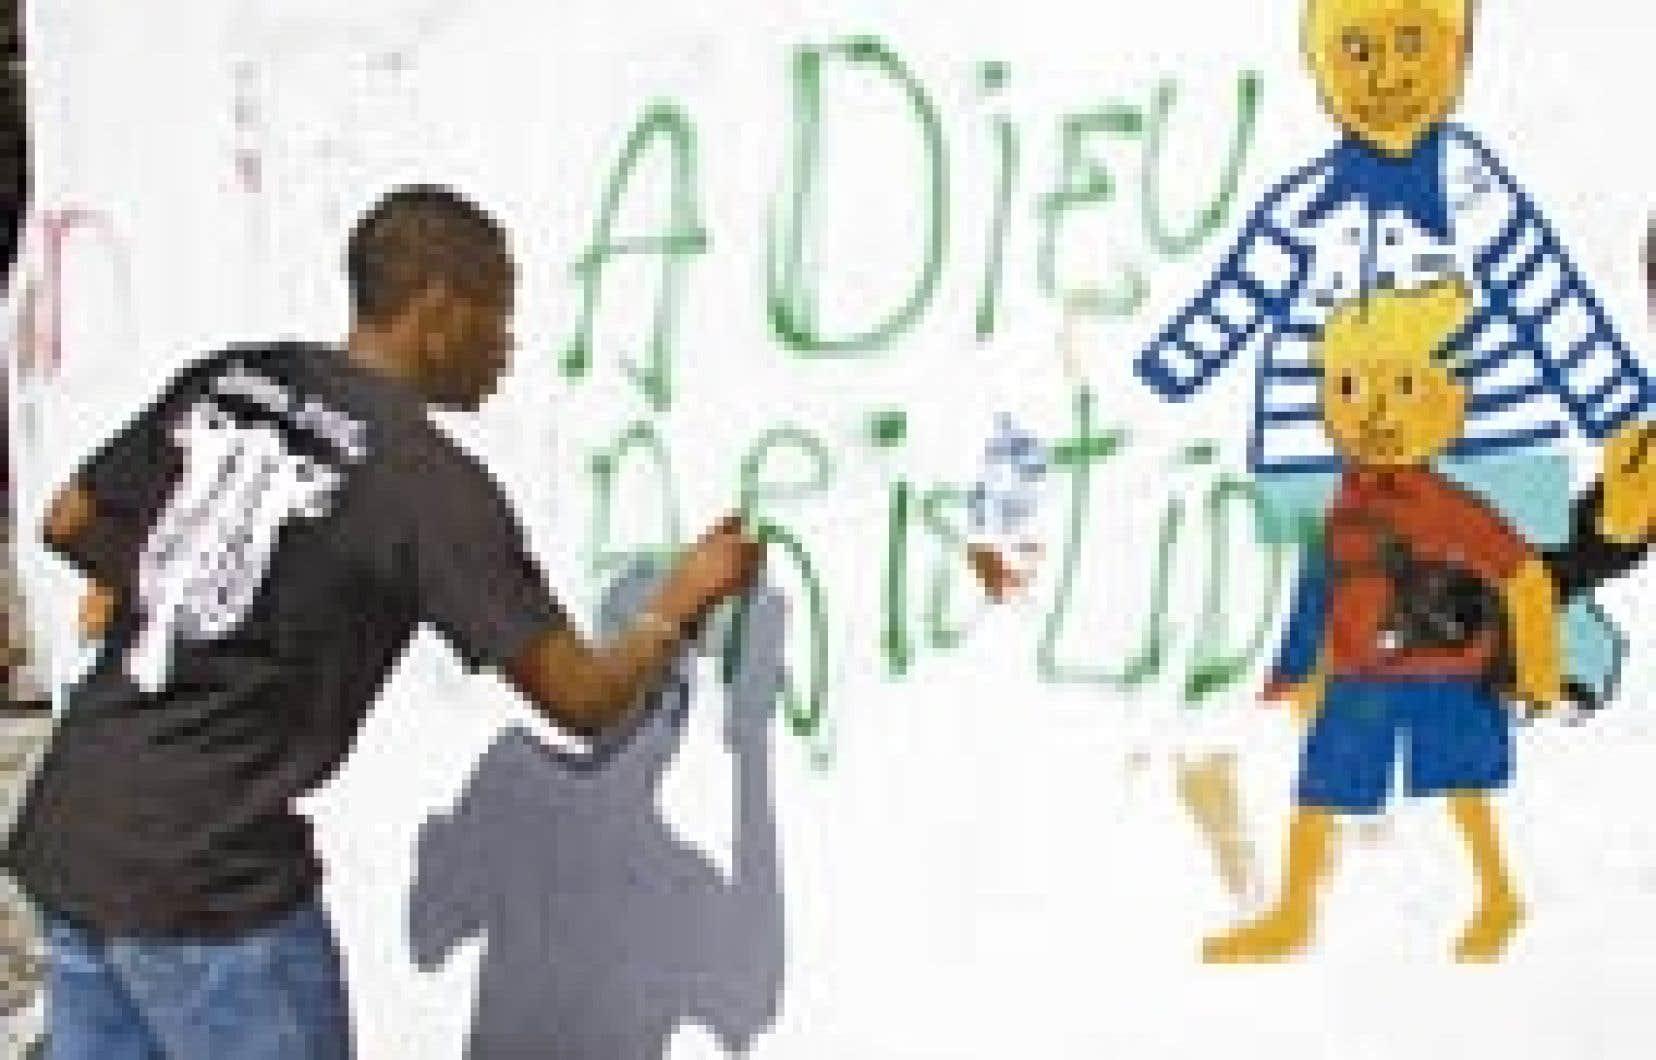 Un message clair et net: Aristide doit partir!